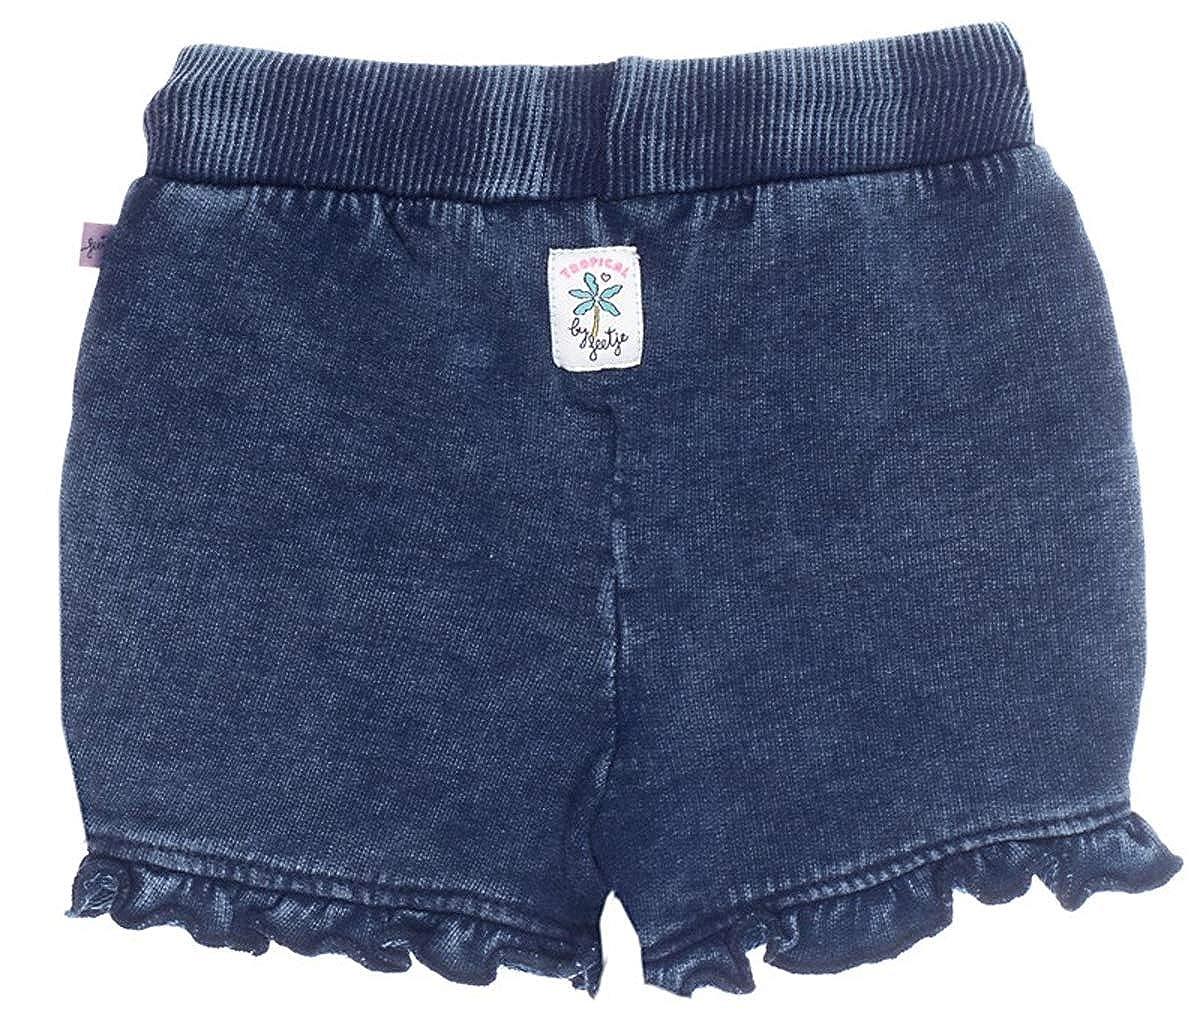 Feetje Sweatshorts in Denim Blue mit Waschung /& ger/üschtem Abschlu/ß Tropical 0158